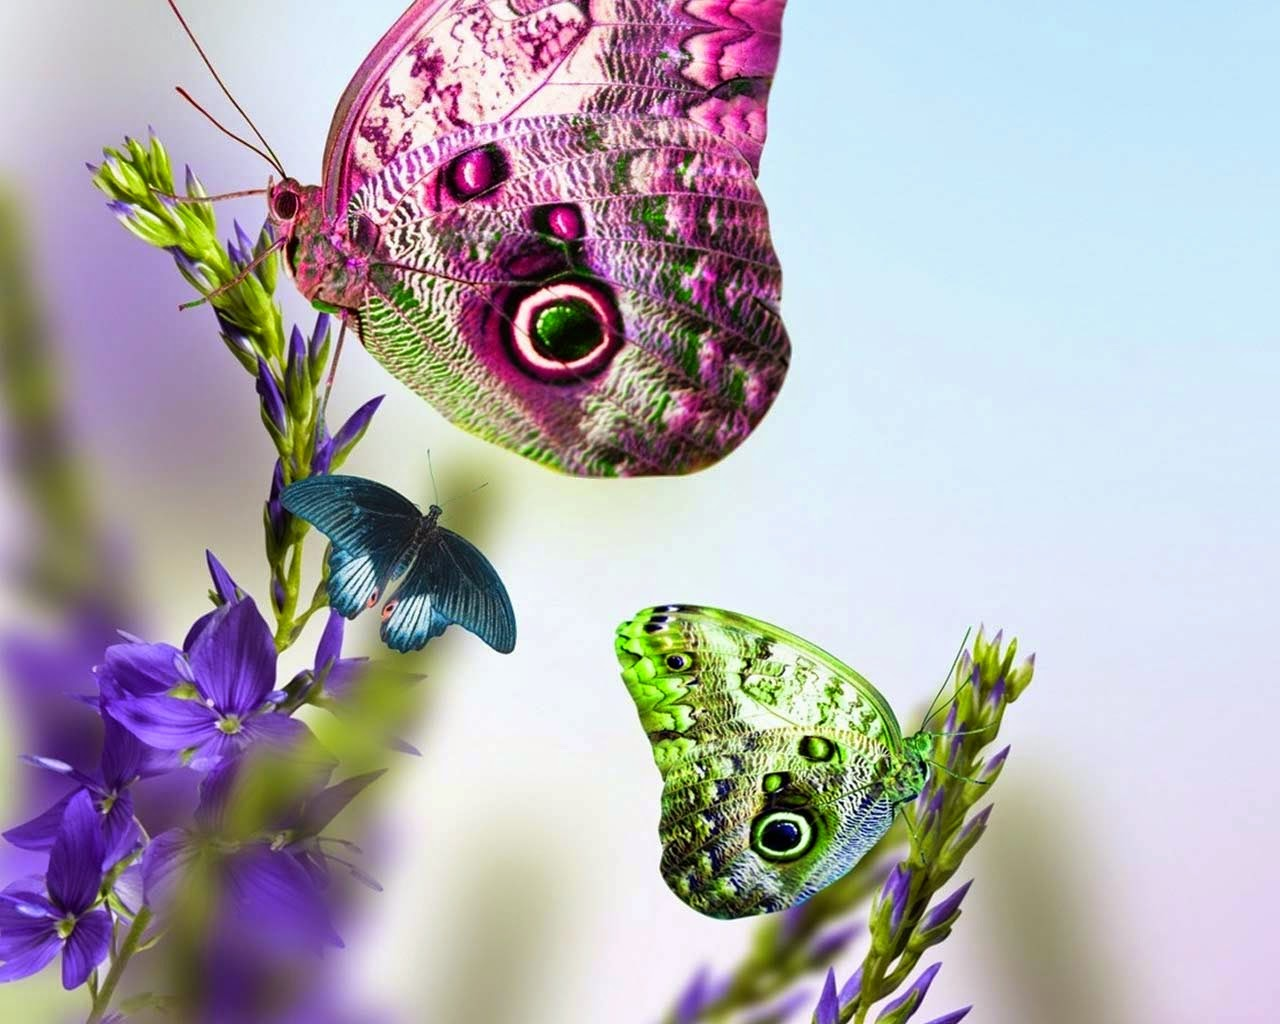 gambar-gambar-kupu-kupu berwarna-warni